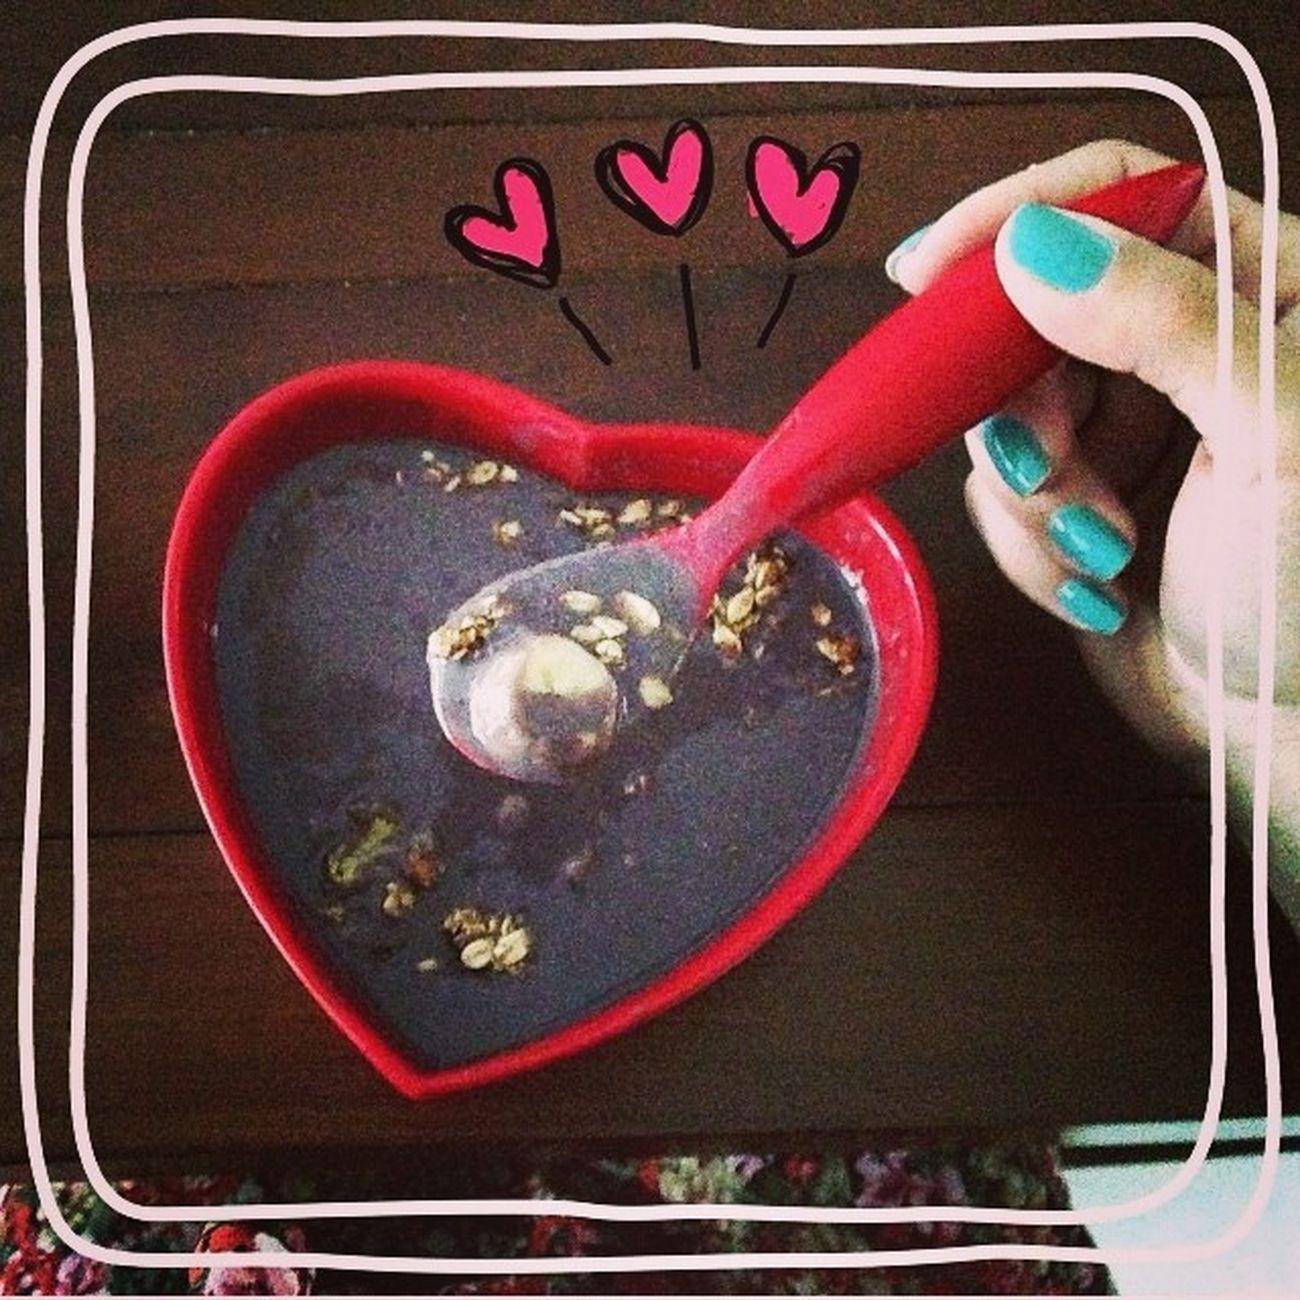 Vamos começar o dia assim açair+banana+granola=café manha reforçado !!! Com esse calor então perfeito ??❤️? Bomdia AçairDeBanana Rio40 VamosComeçarODiaBem ??